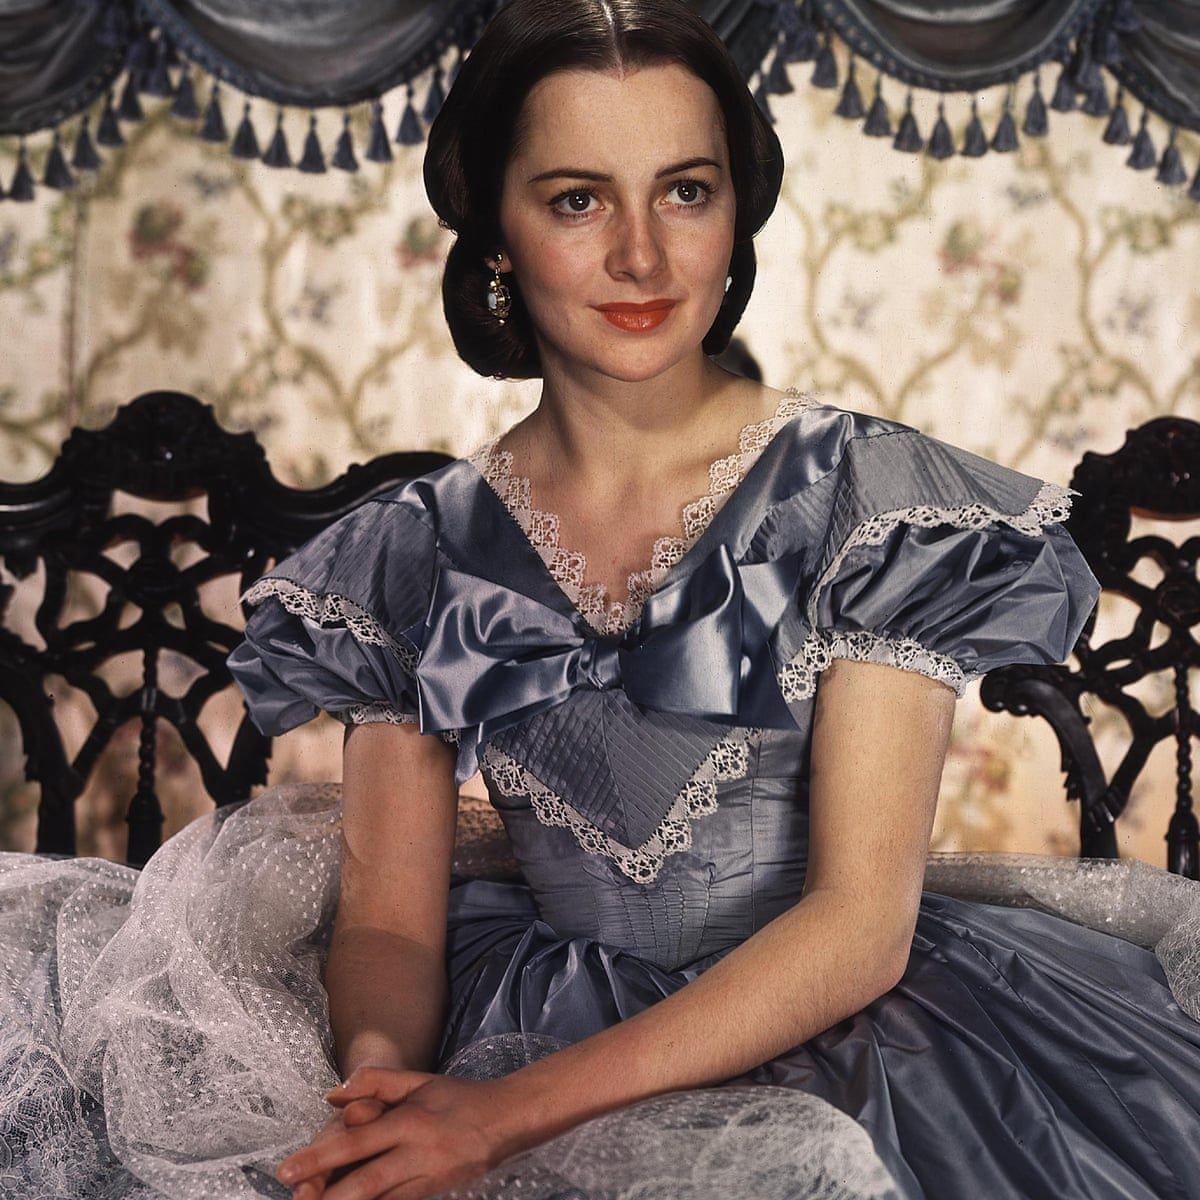 Актрисы которые своей красотой затмят многих актрис современности